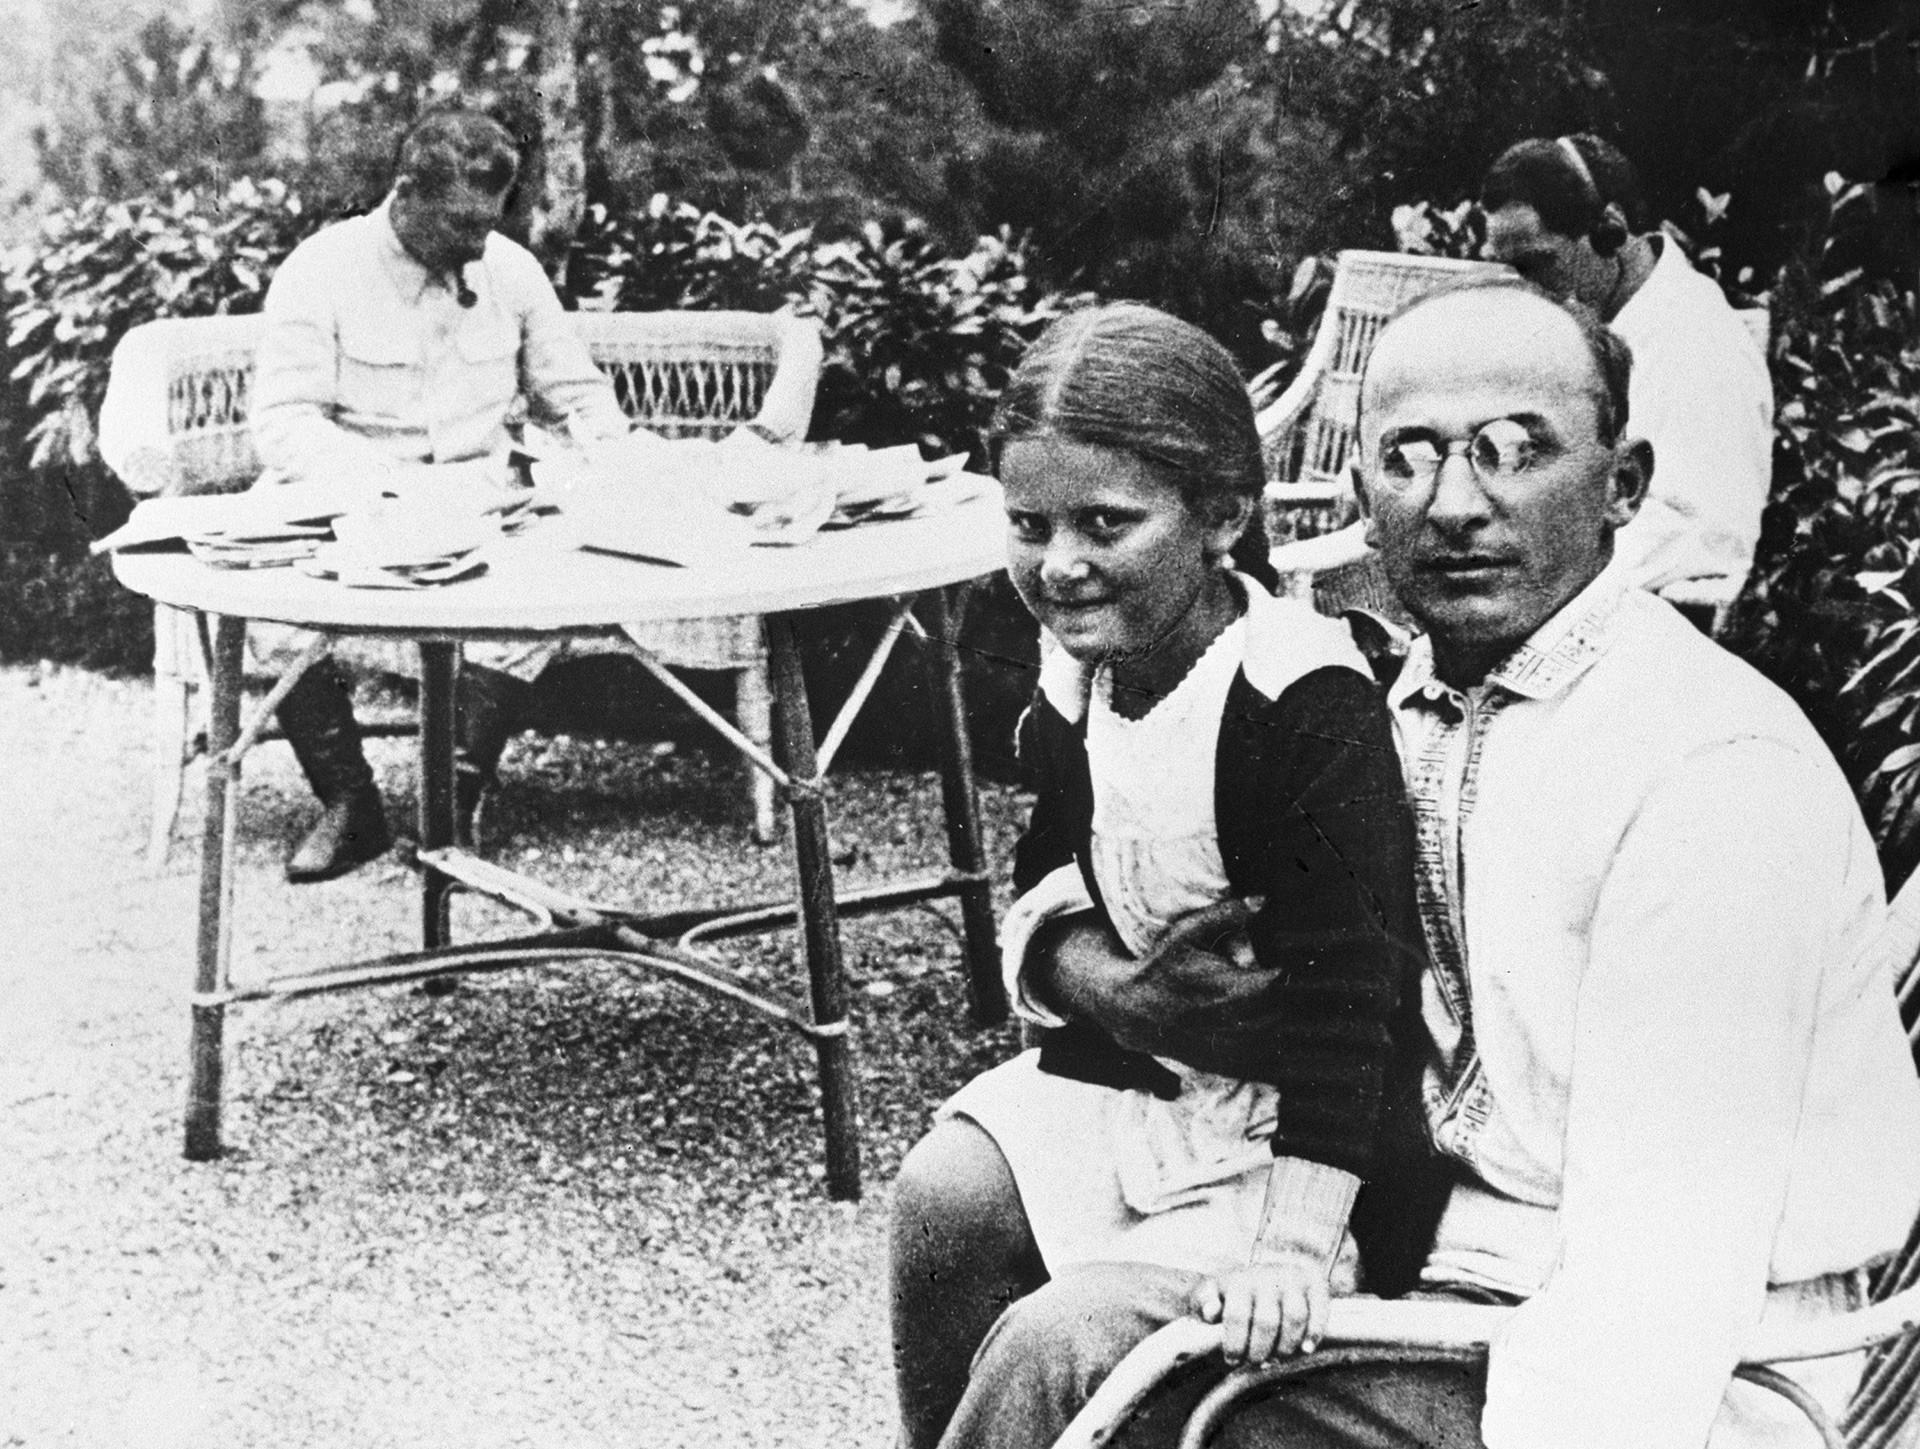 Шеф Народног комесаријата за унутрашње послове Лаврентиј Берија са Стаљиновом ћерком Светланом.